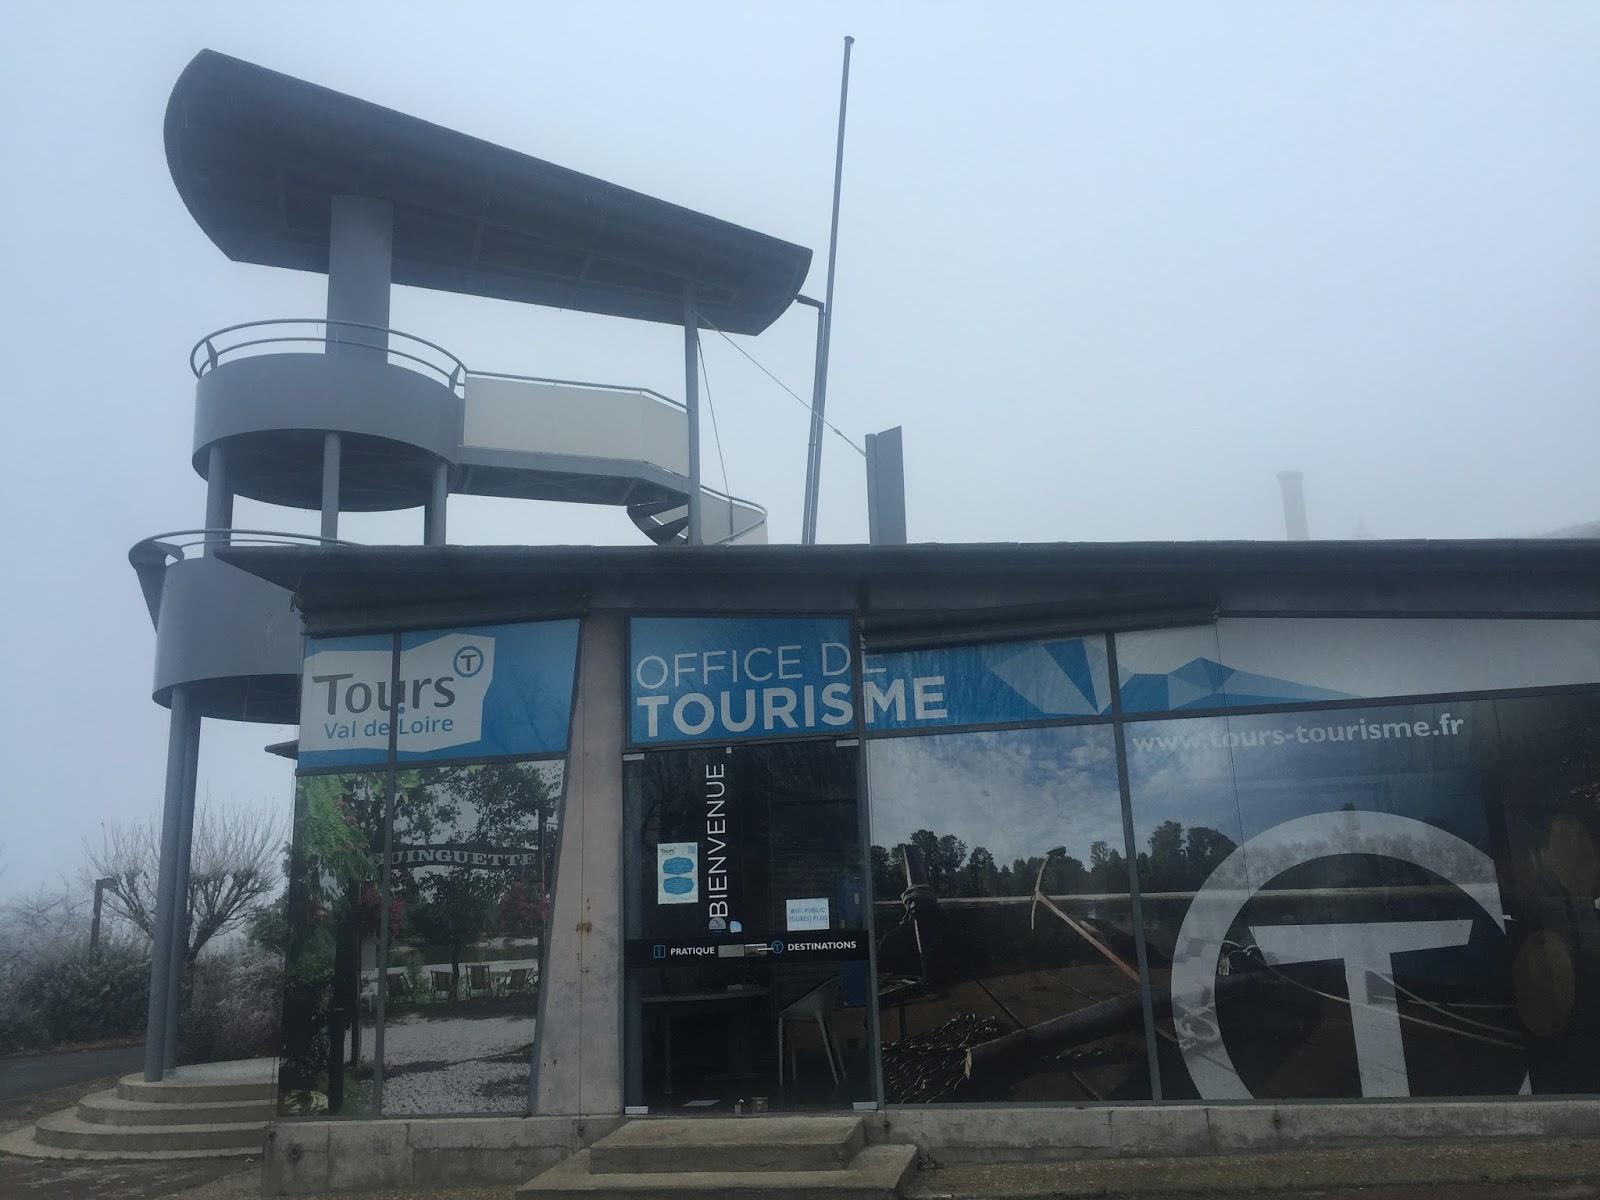 Vouvray inside deux fois plus de touristes rochecorbon - Office de tourisme vouvray ...